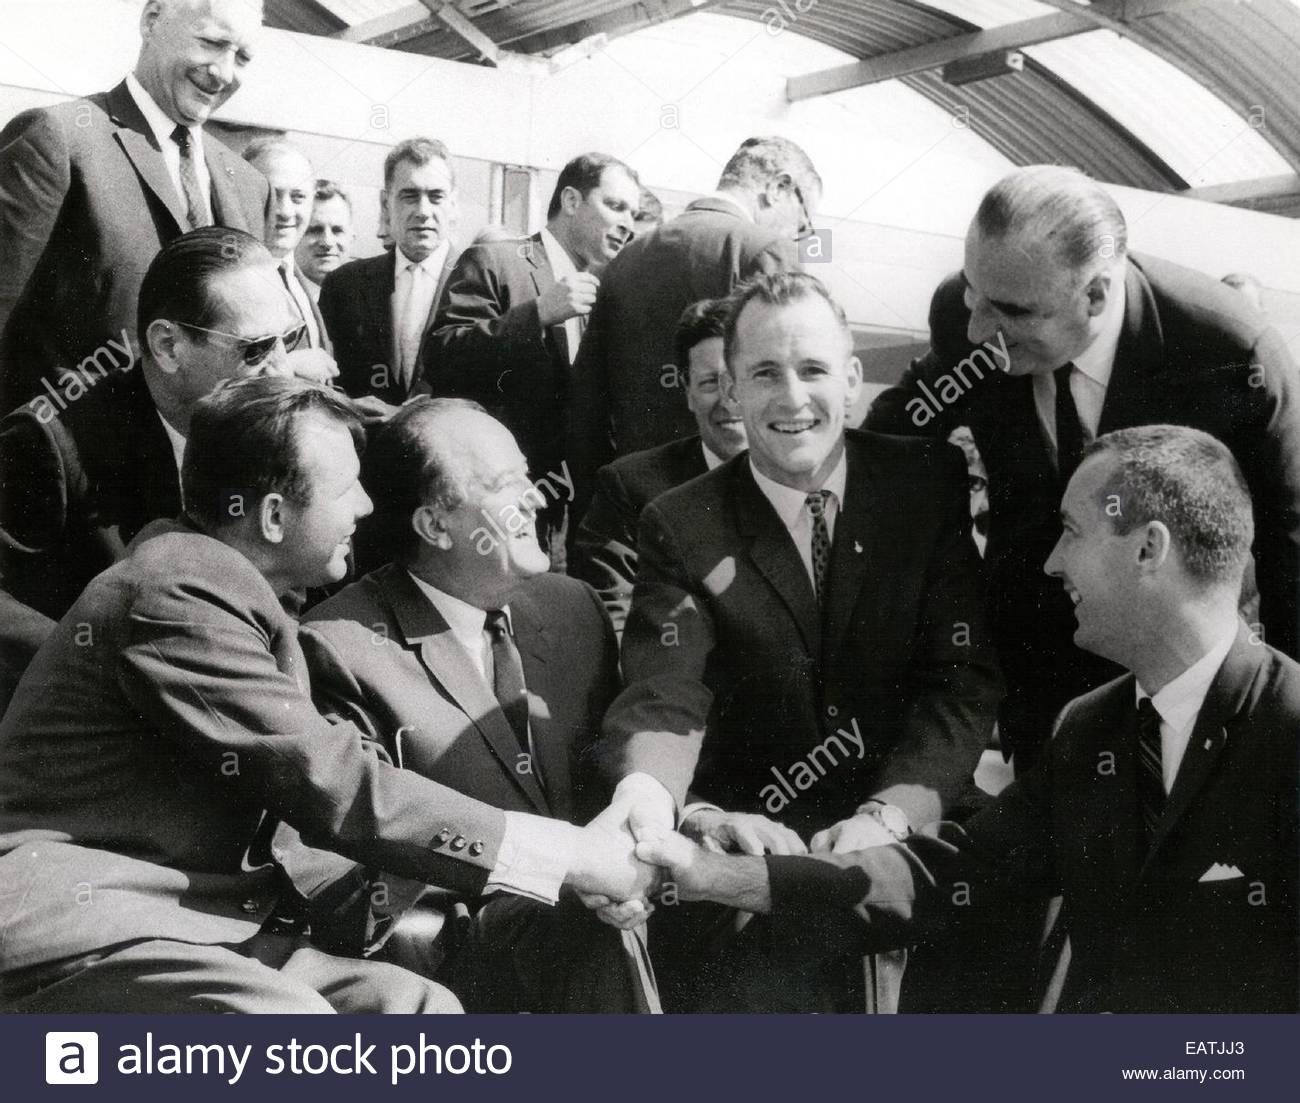 Cosmonaut Yuri Gagarin shakes hands with NASA's Gemini 4 astronauts, Edward H. White II and James A. McDivitt - Stock Image